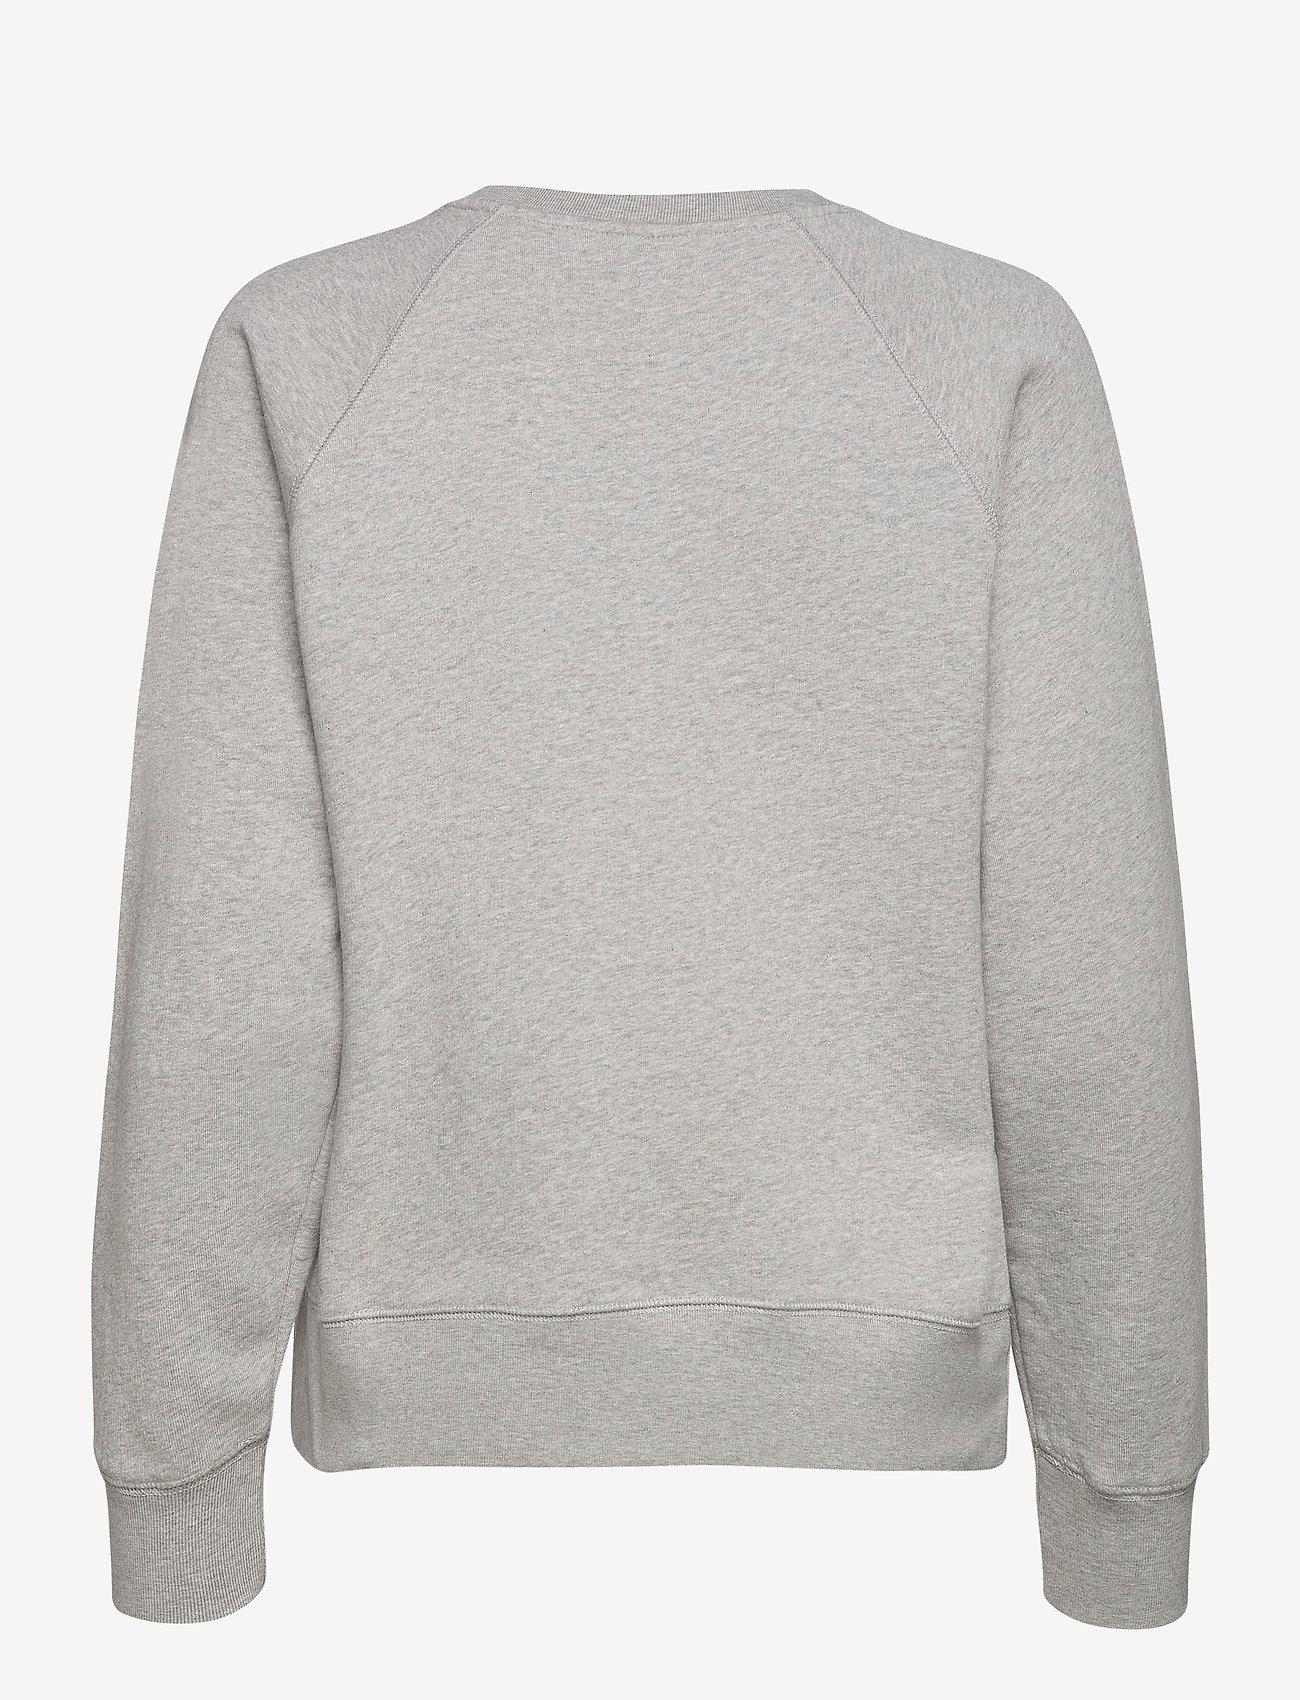 Zadig & Voltaire - UPPER ZV ADDRESS ORGANIC COTTON PRINTED SWEATSHIRT - sweatshirts & hættetrøjer - melange grey - 2